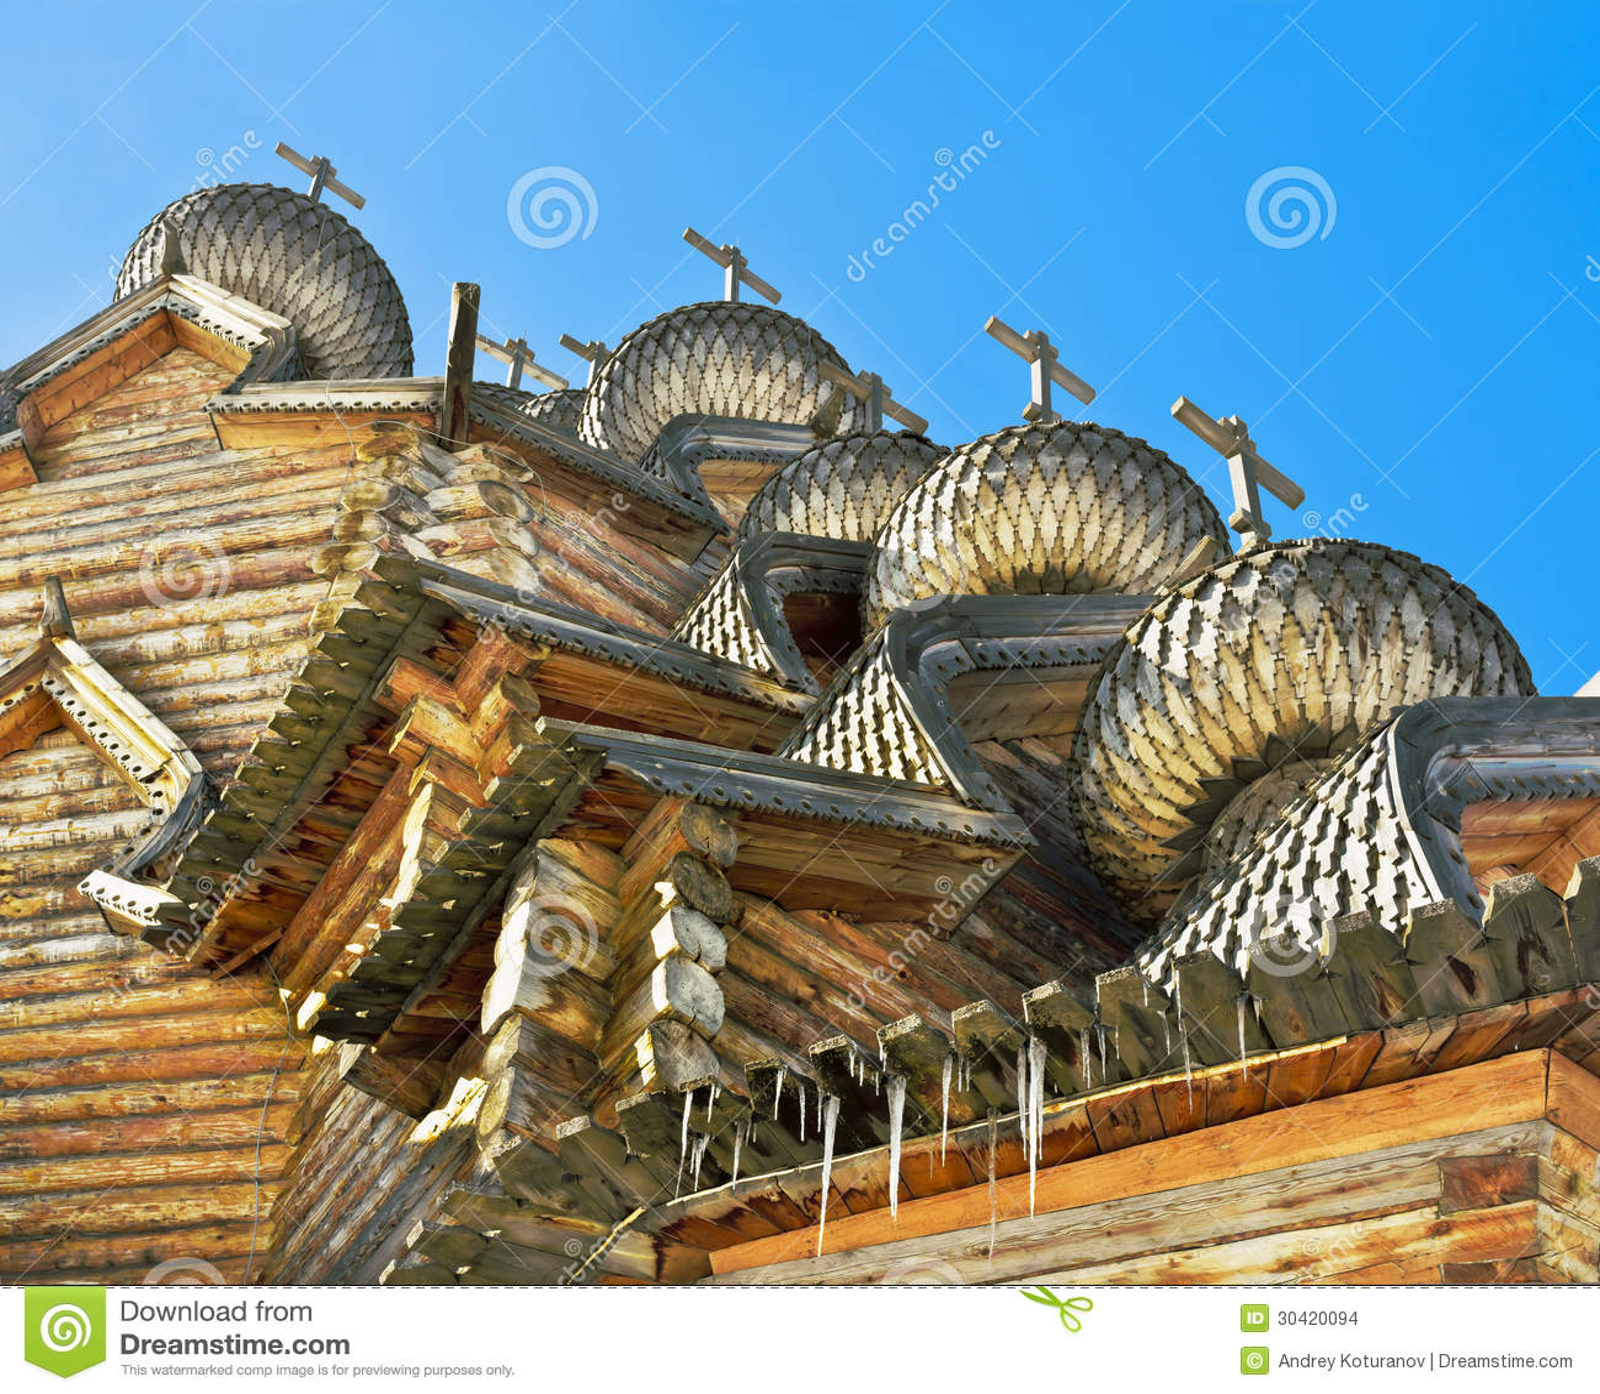 Arquitectura de madera rusa imagenes de archivo imagen for Arquitectura de madera